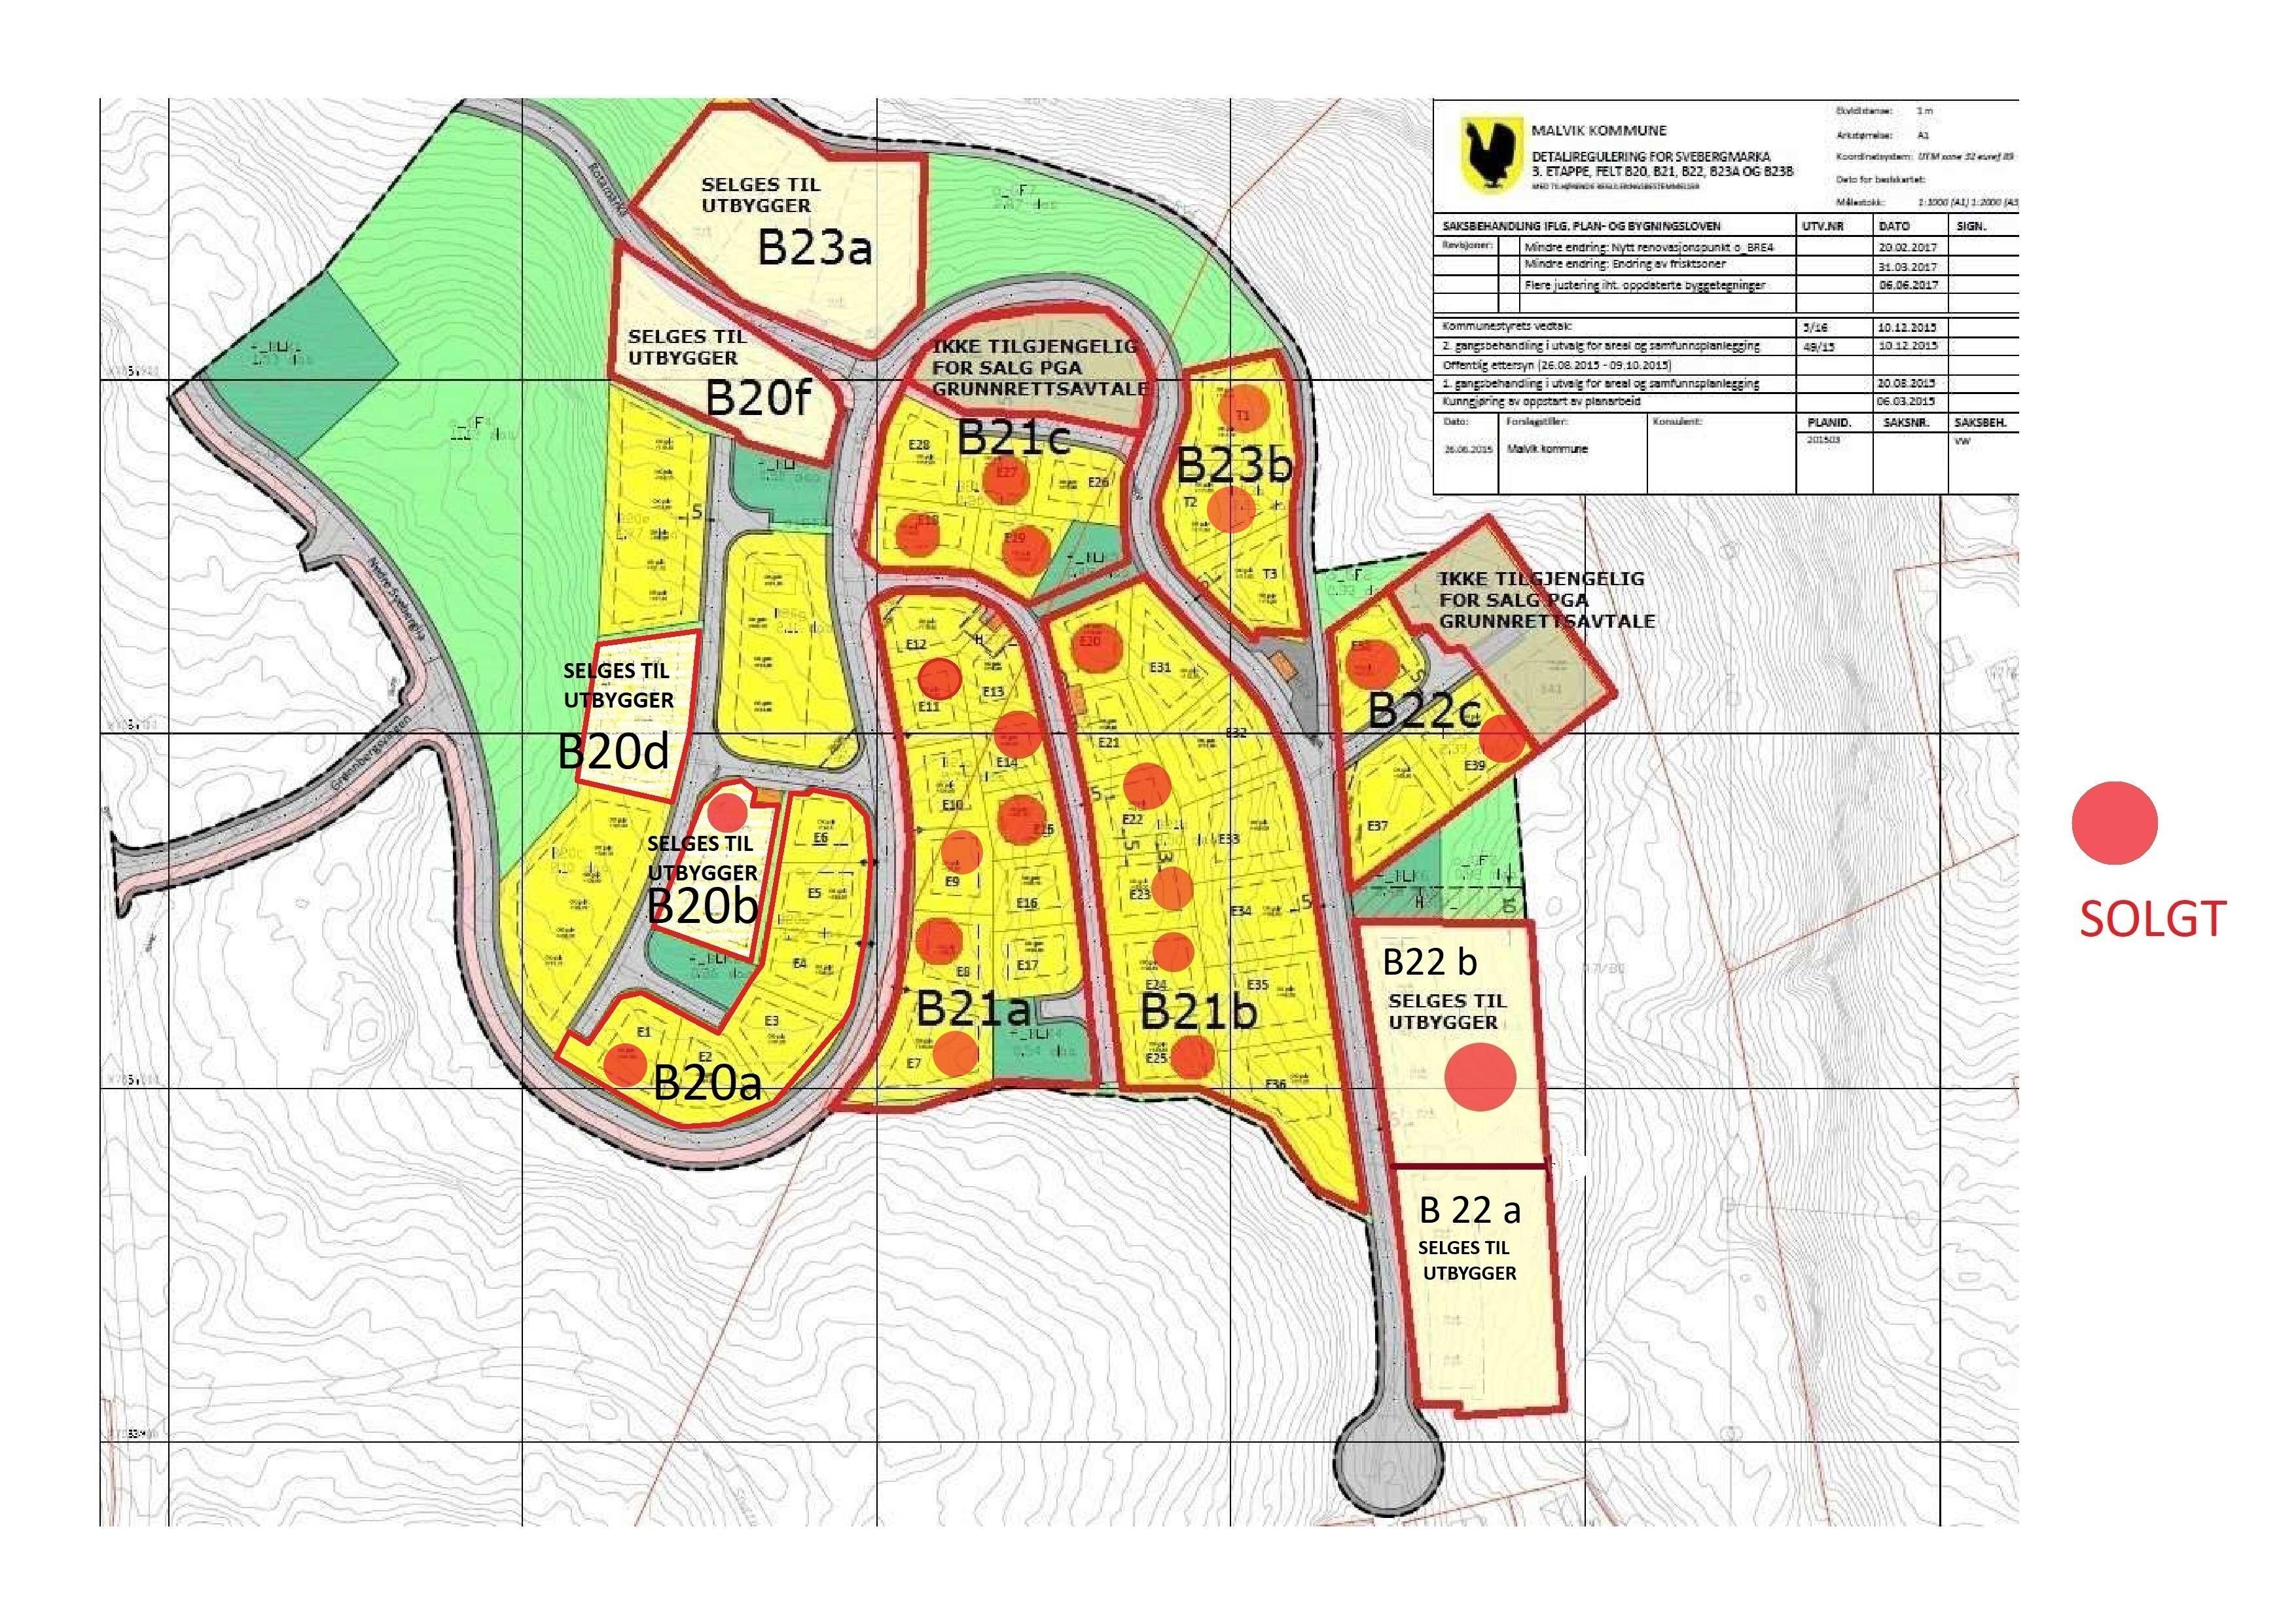 SKAL brukes Kart status tomtesalg Sveberg etappe 310820.jpg